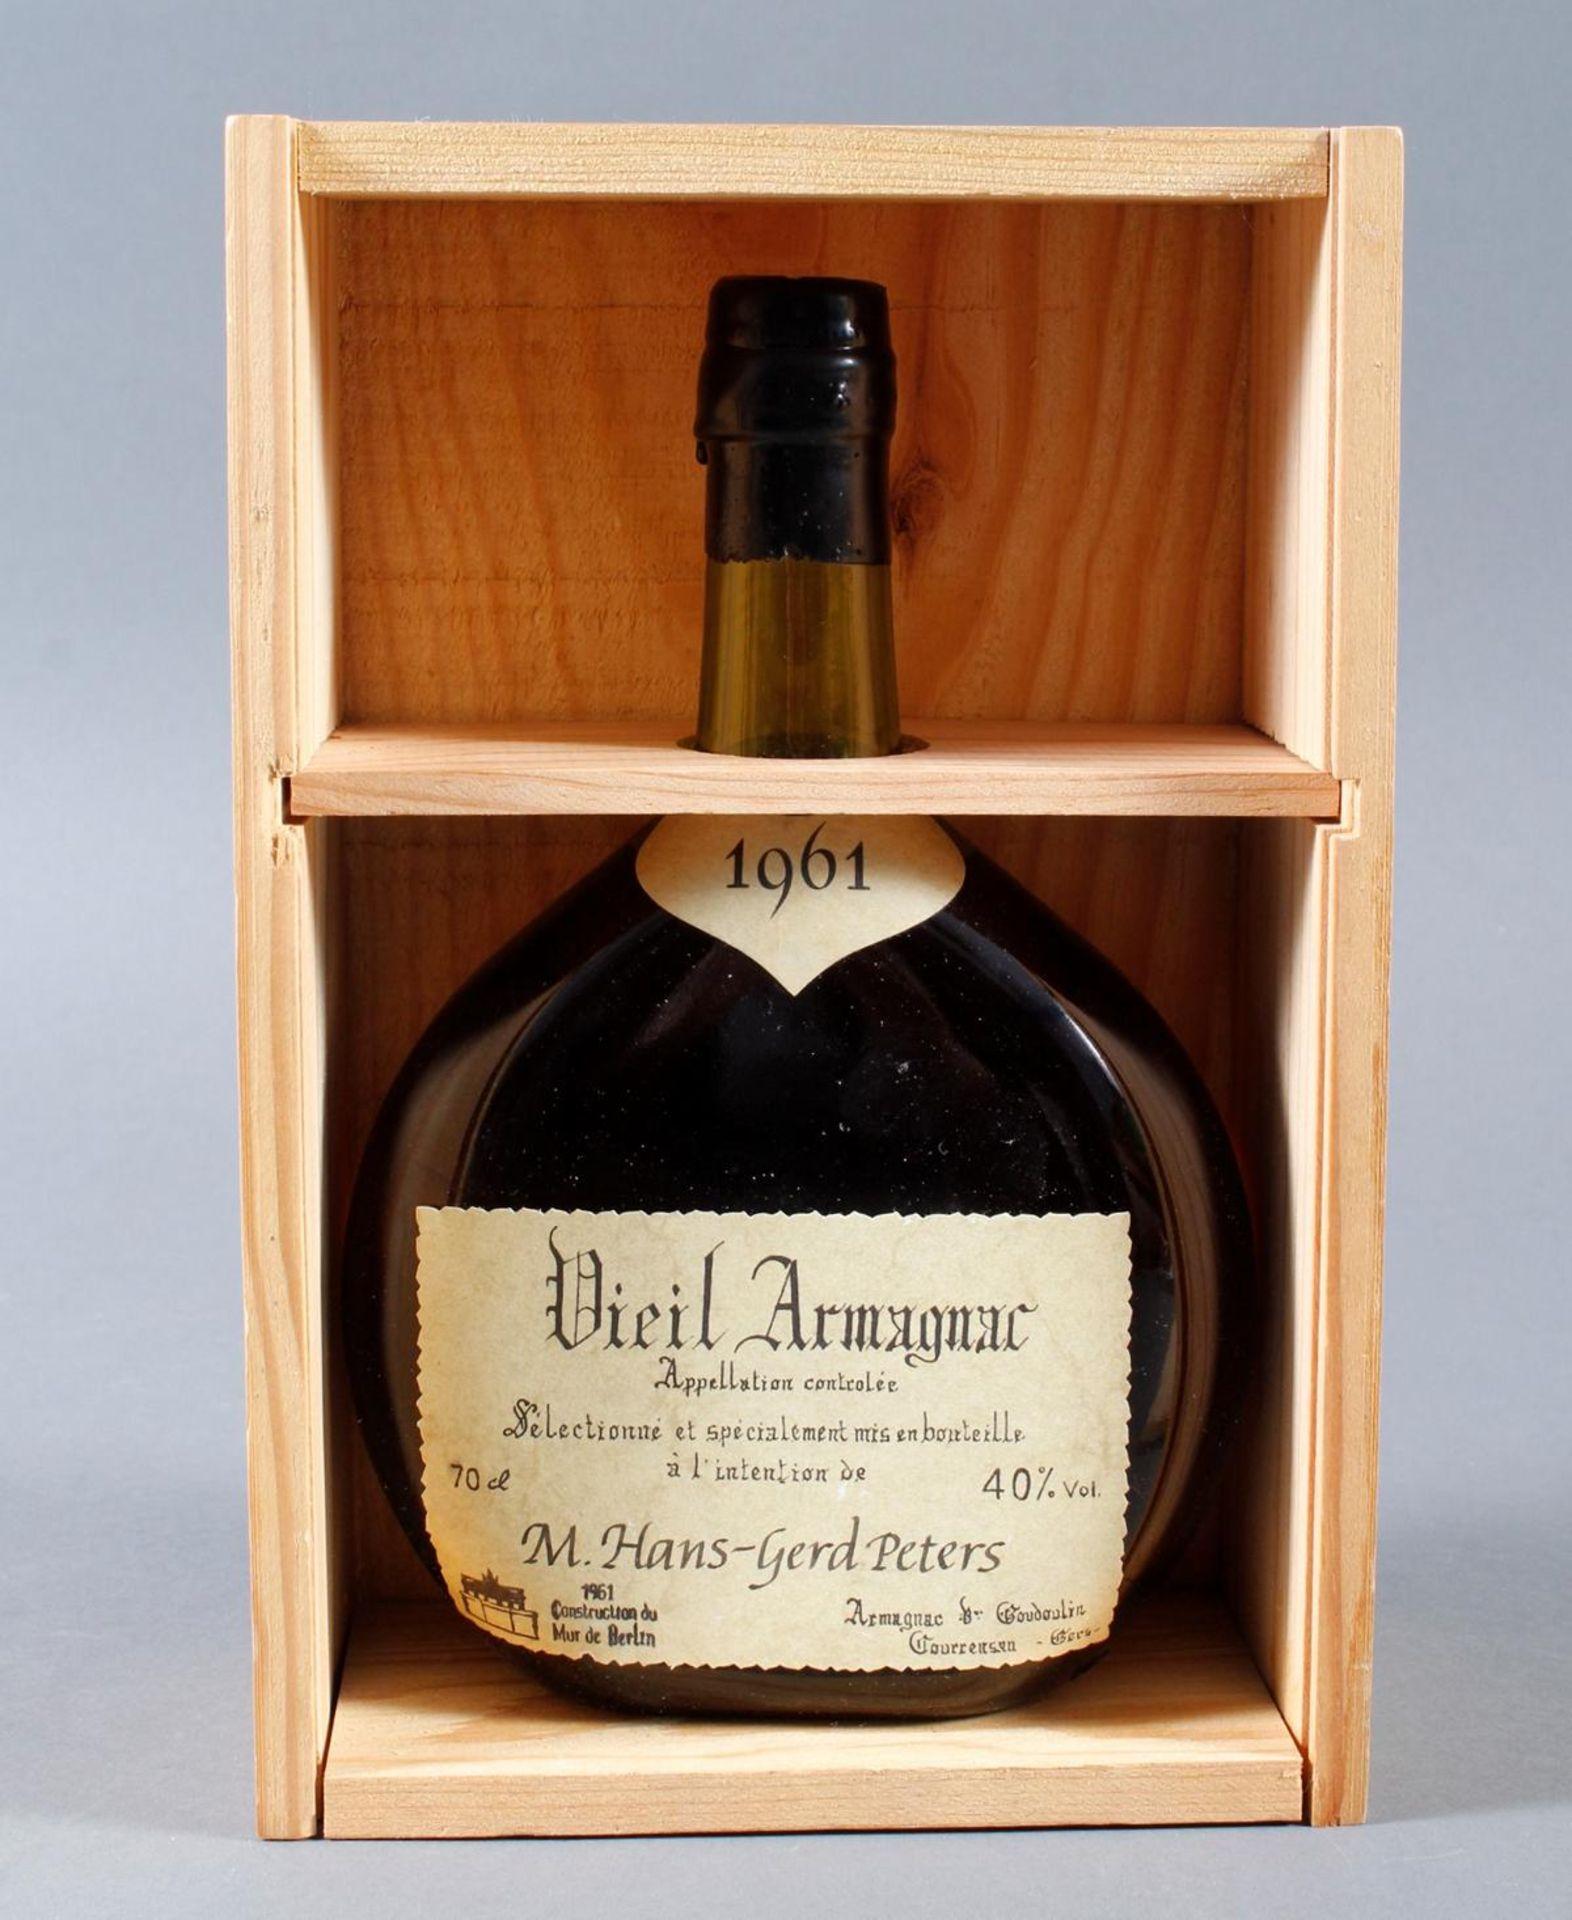 Armagnac de Goudoulin, 1961 - Bild 2 aus 2